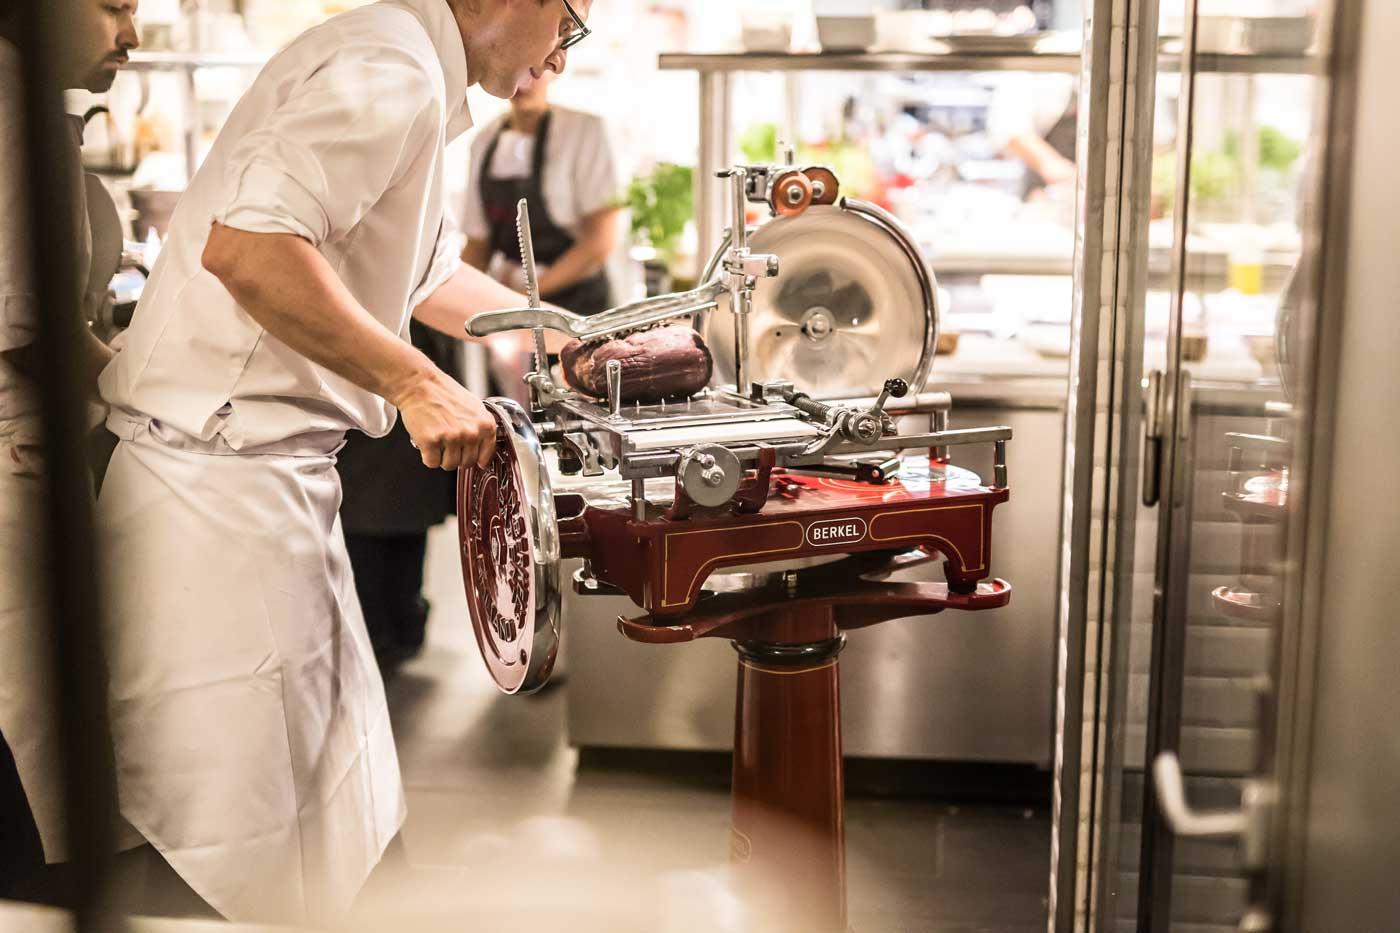 Cuisinez comme un chef id es d co meubles et for Cuisinez comme un chef